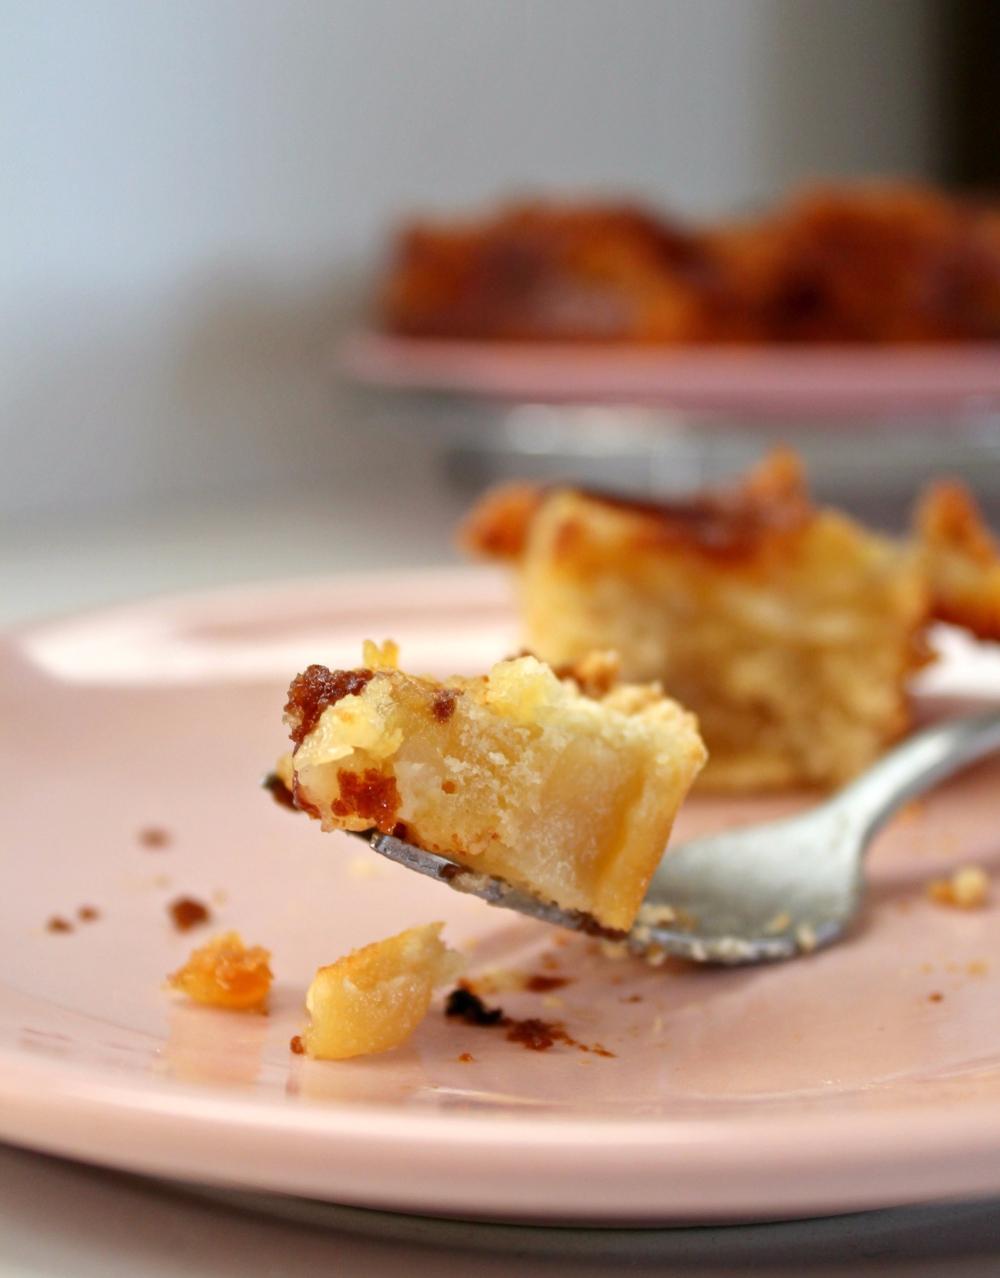 gateau-aux-pommes-12